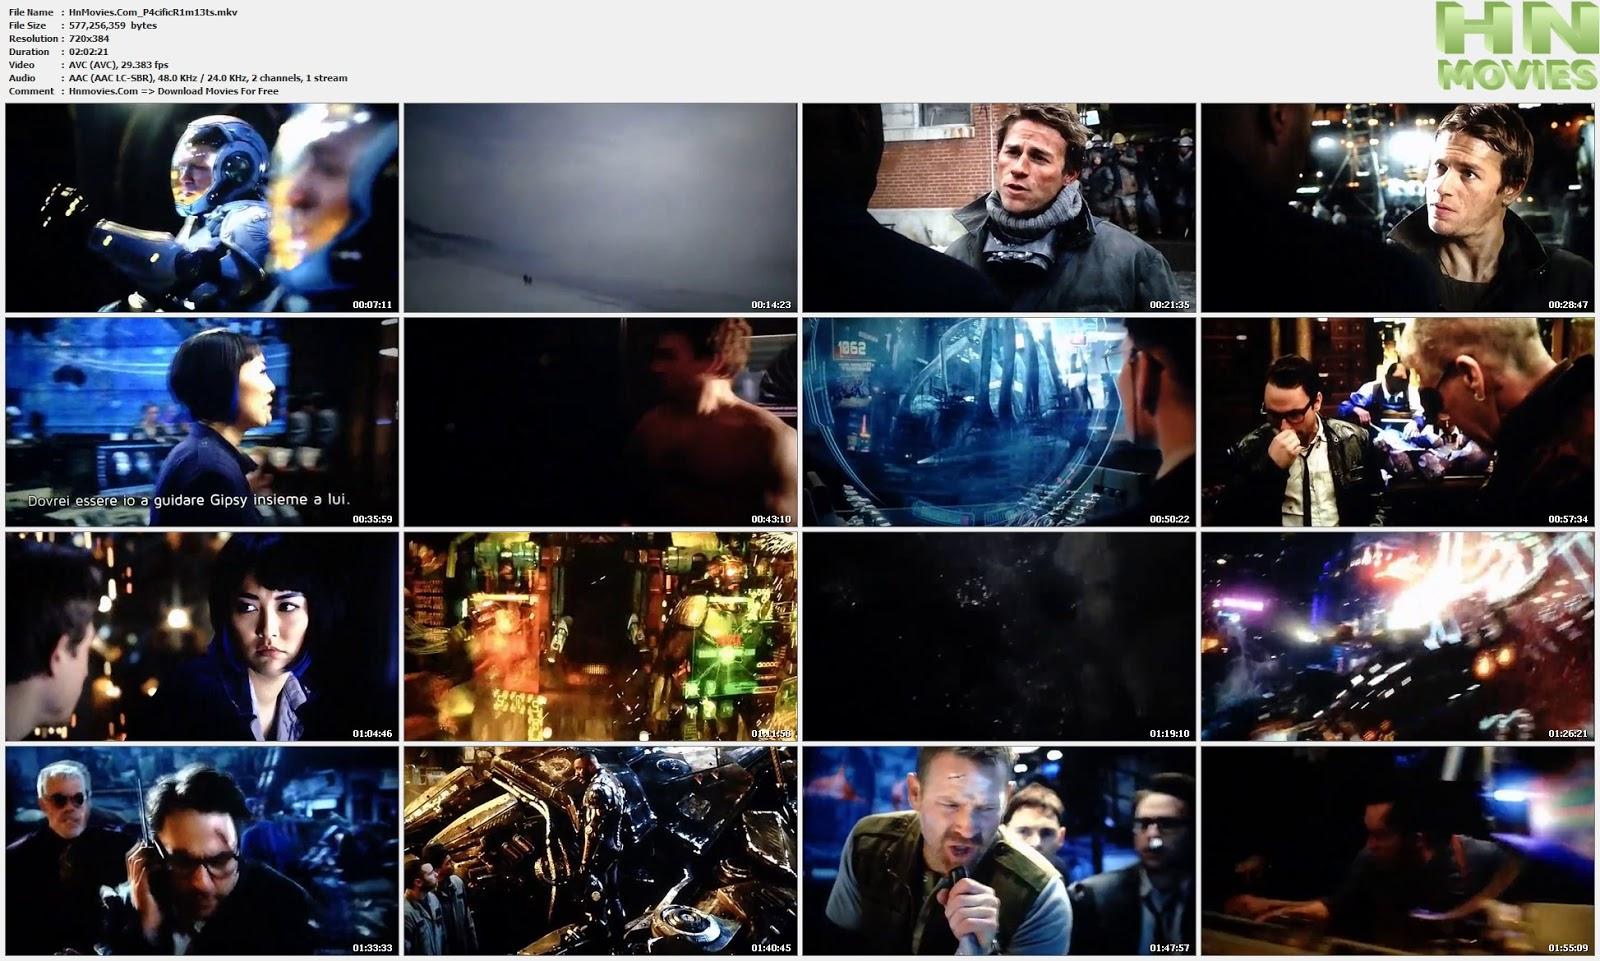 HnMovies.Com P4cificR1m13ts.mkv